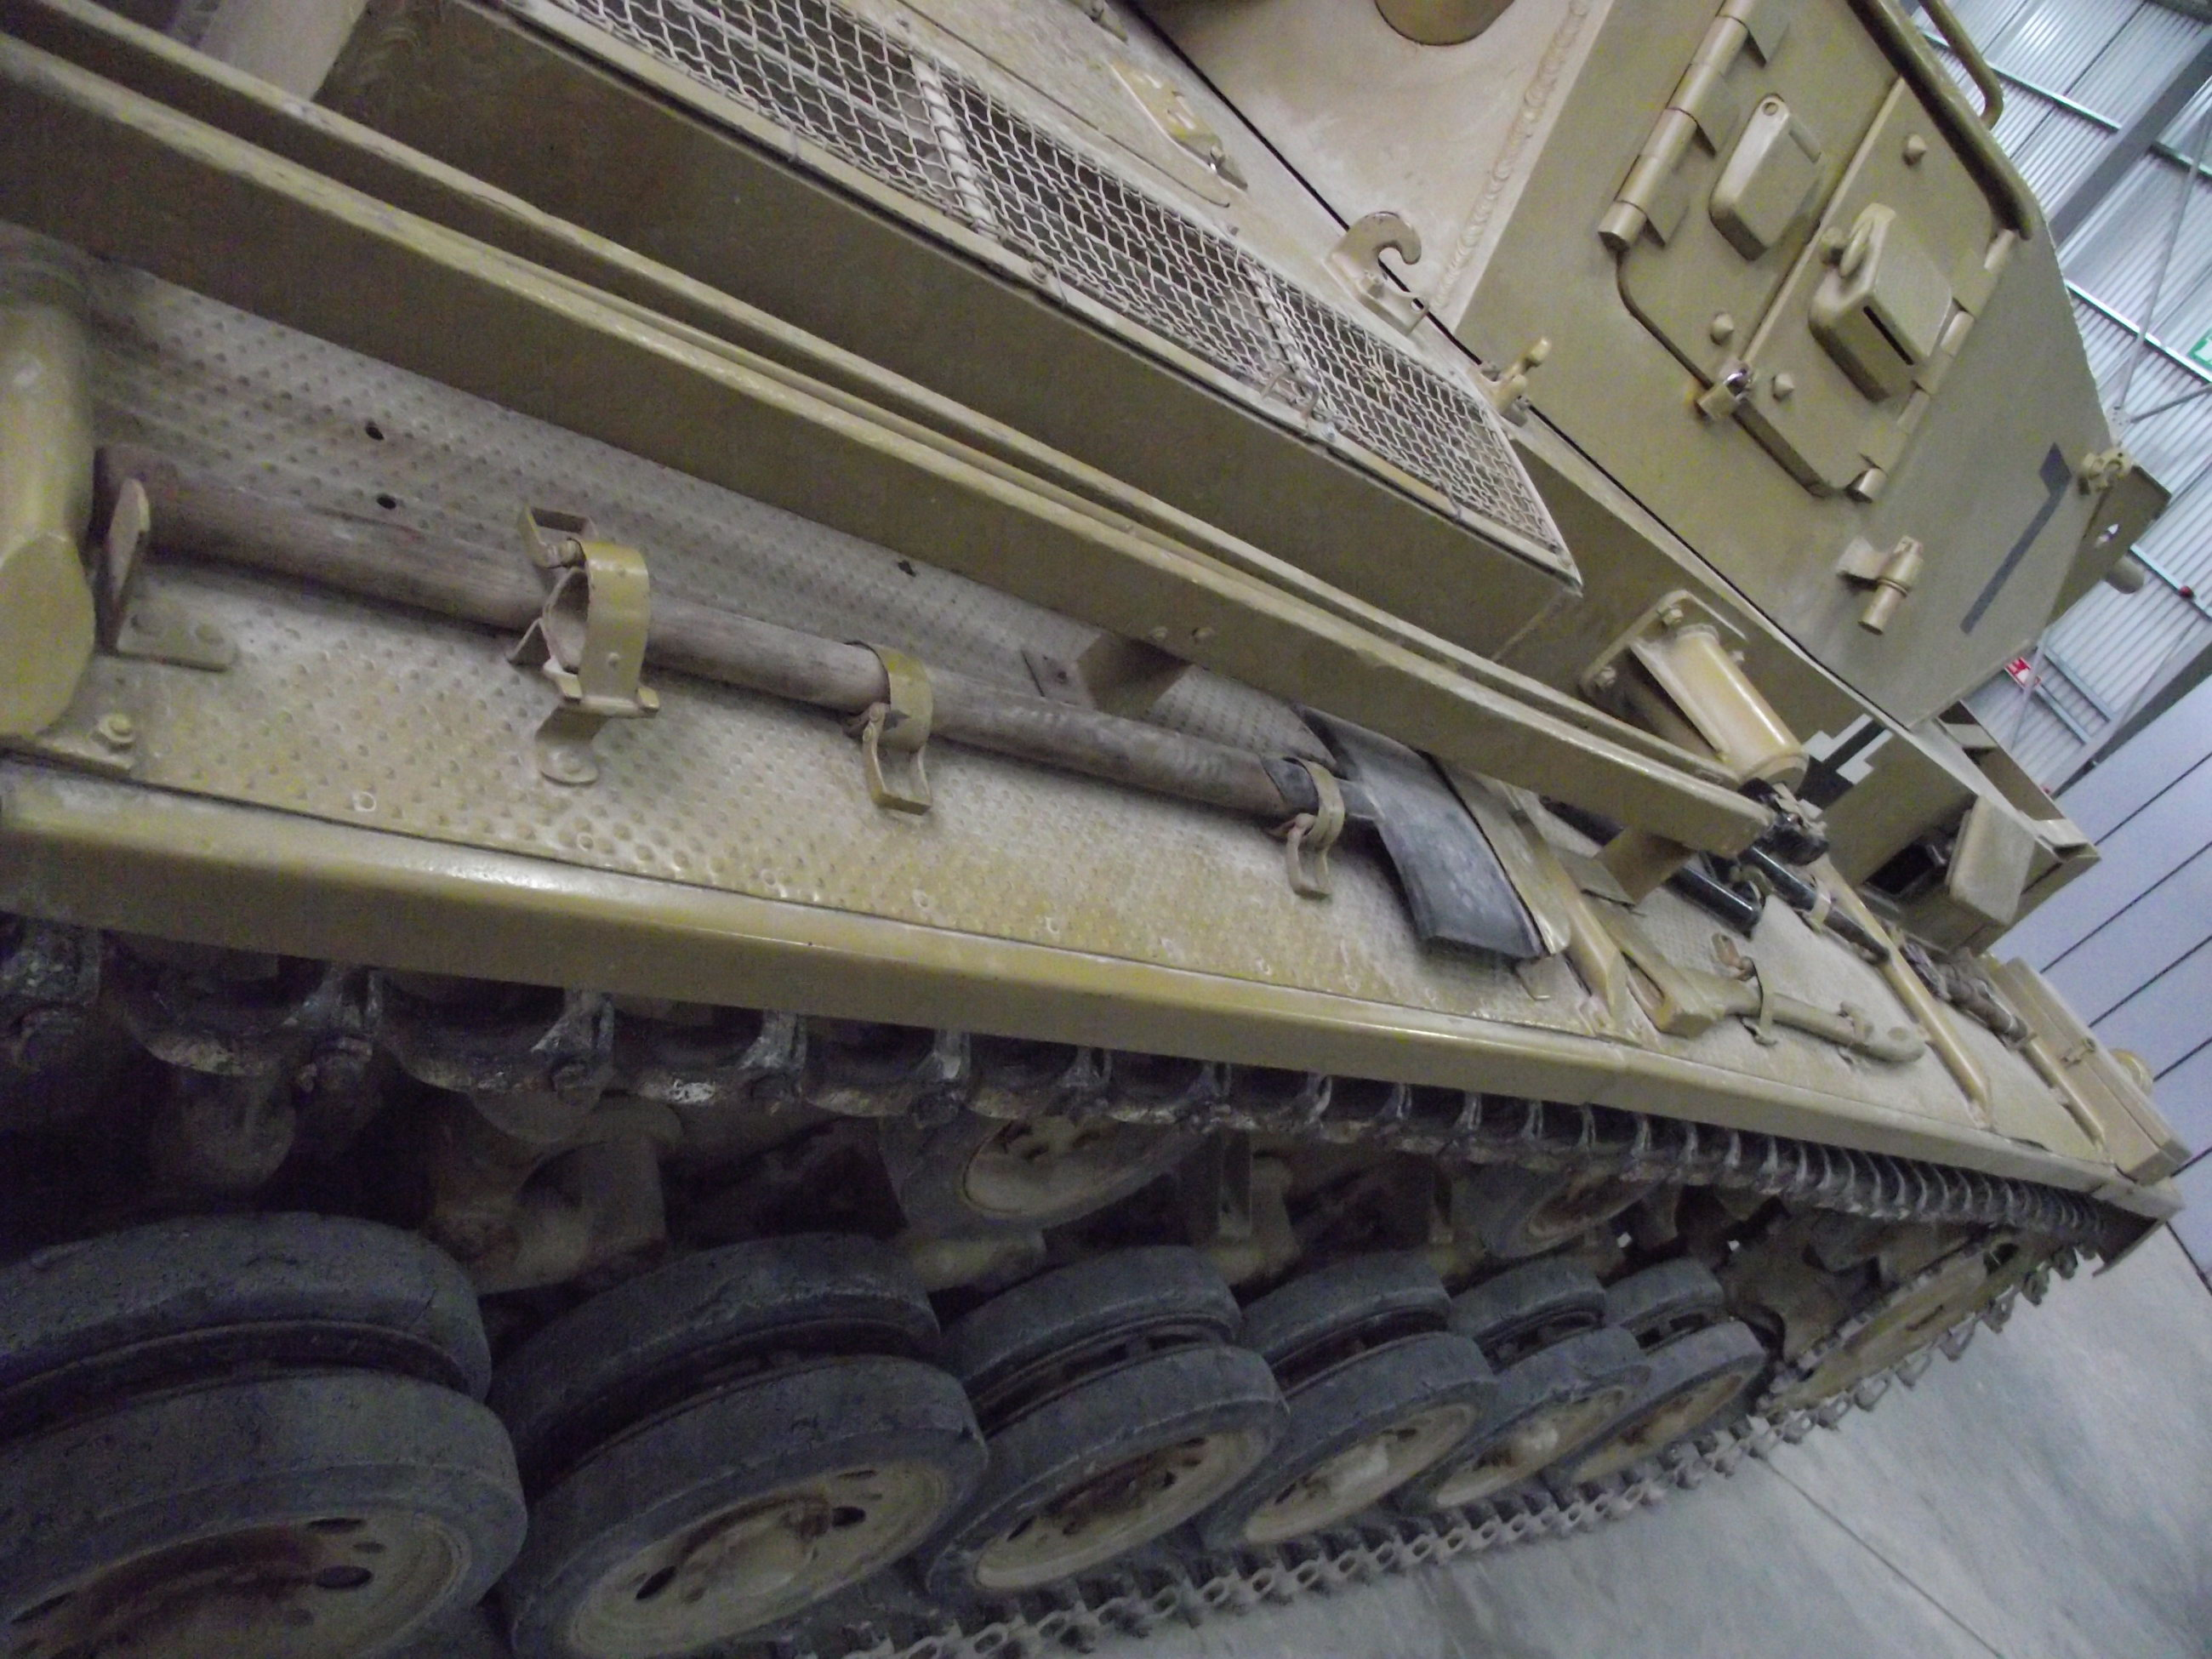 Tank_Museum_20180919_006.jpg